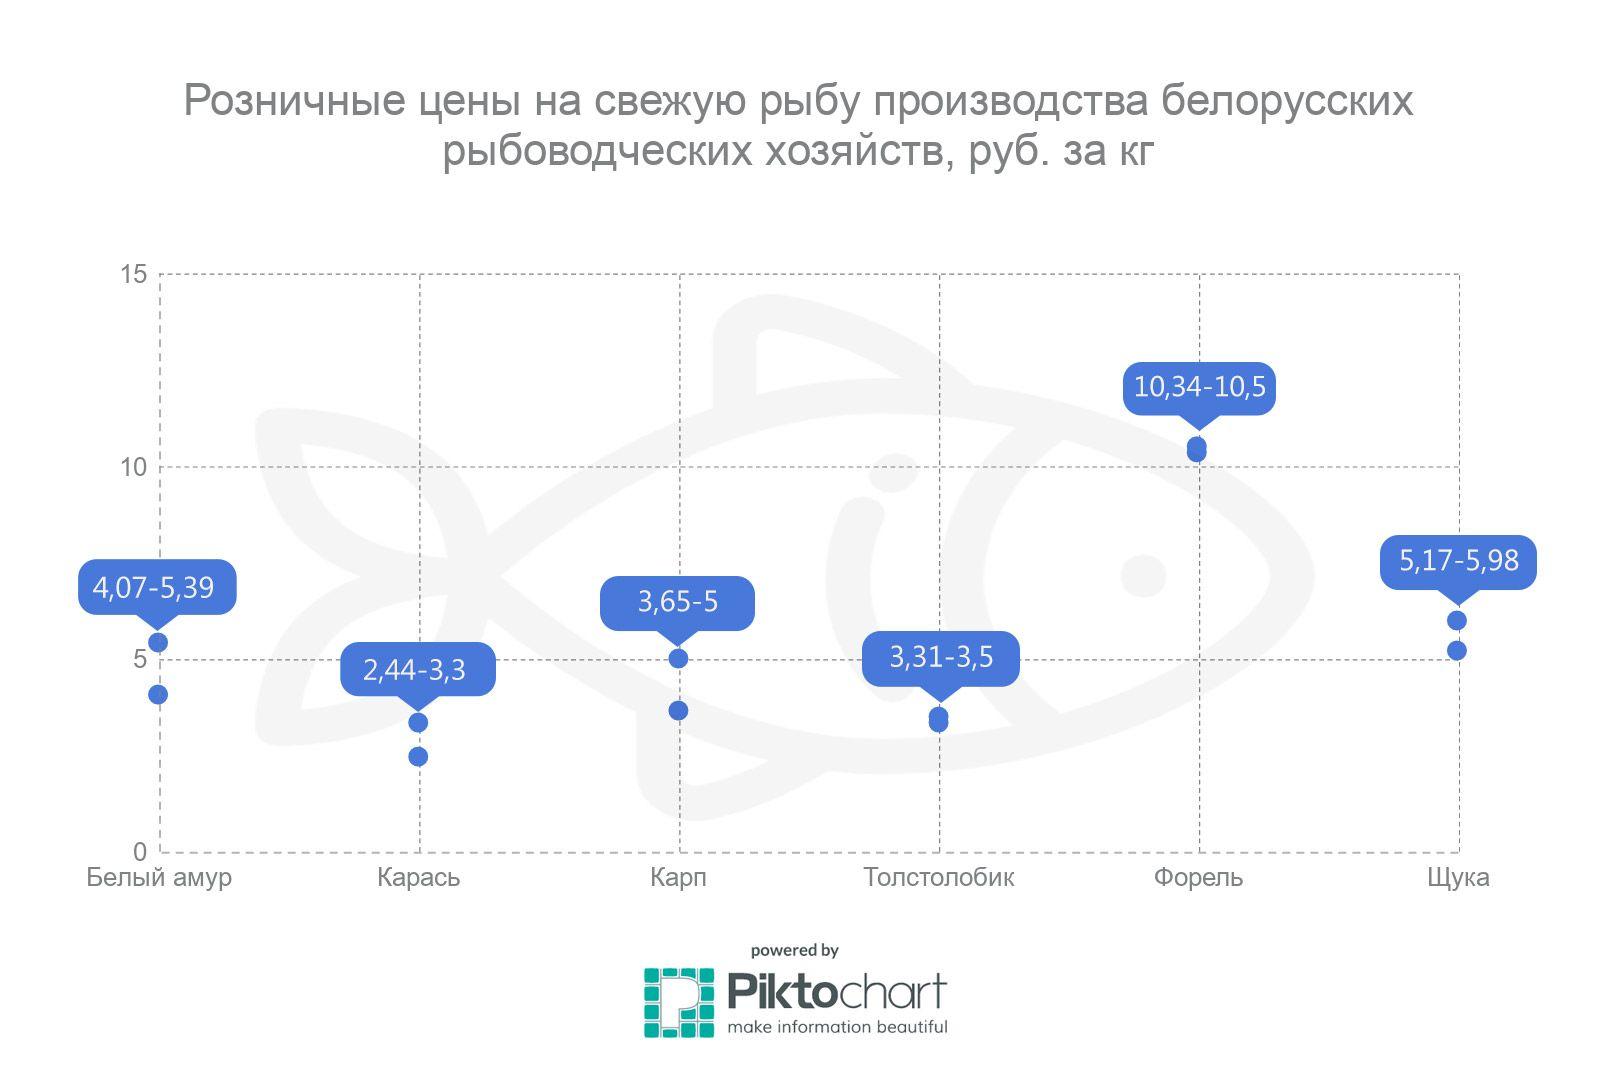 Розничные цены на свежую рыбу производства белорусских рыбоводческих хозяйств